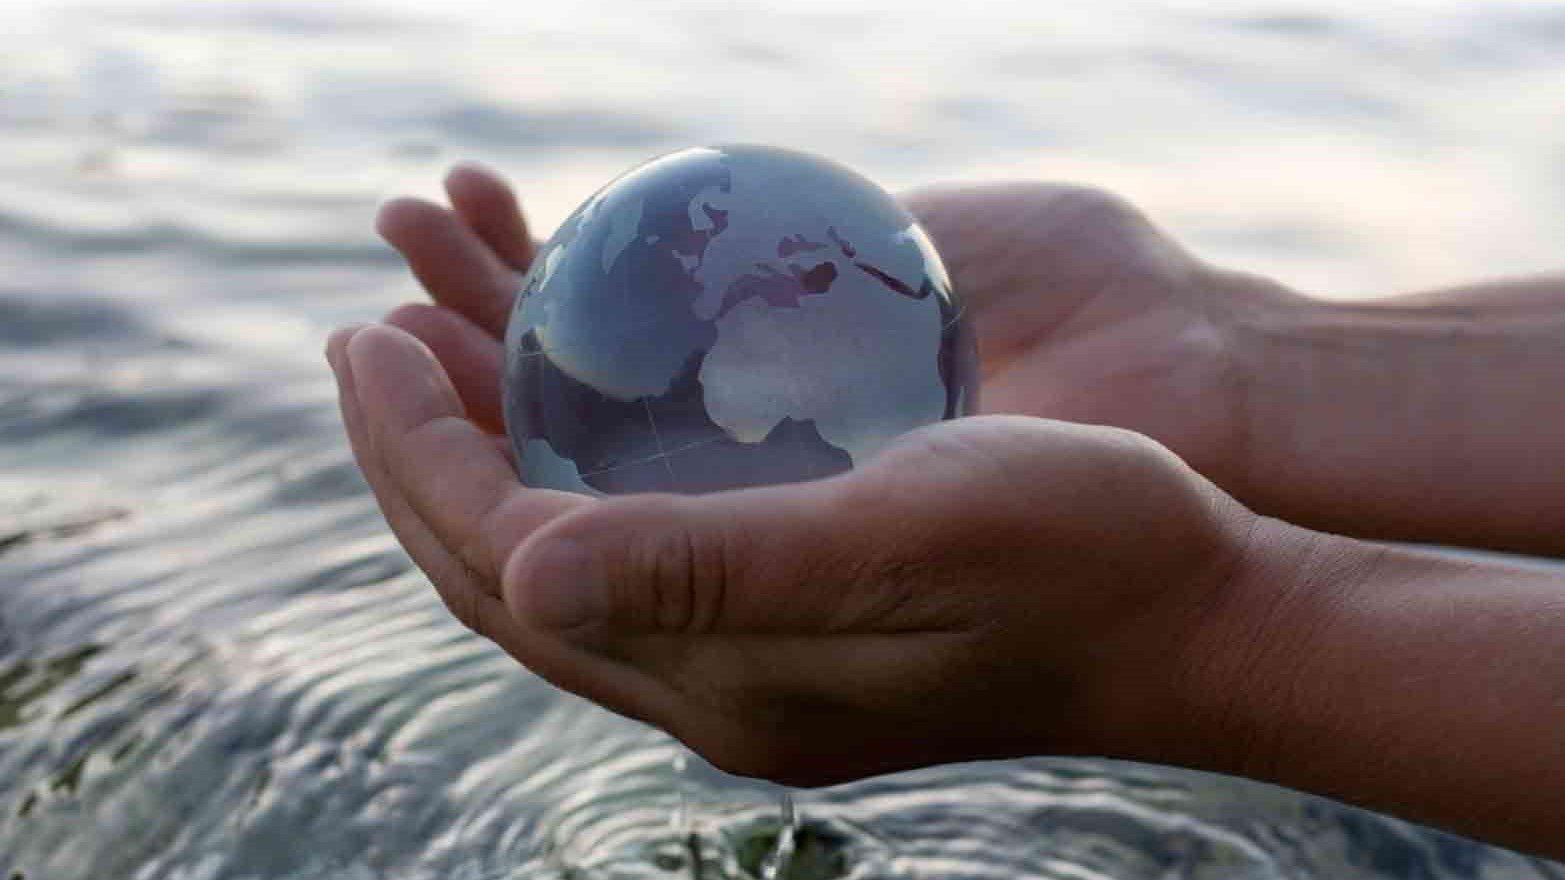 Χωρίς επαρκή πρόσβαση σε πόσιμο νερό μέχρι το 2050, πέντε δισεκατομμύρια άνθρωποι